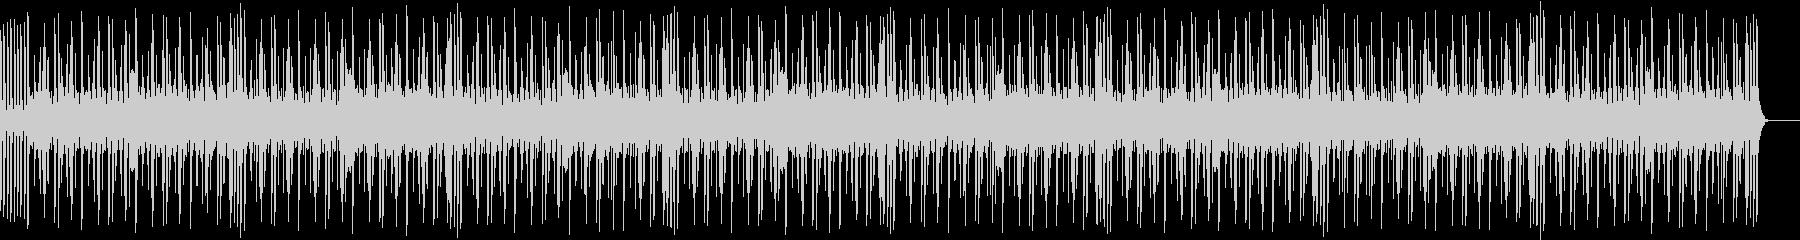 サイファービート12 8小節×8回の未再生の波形